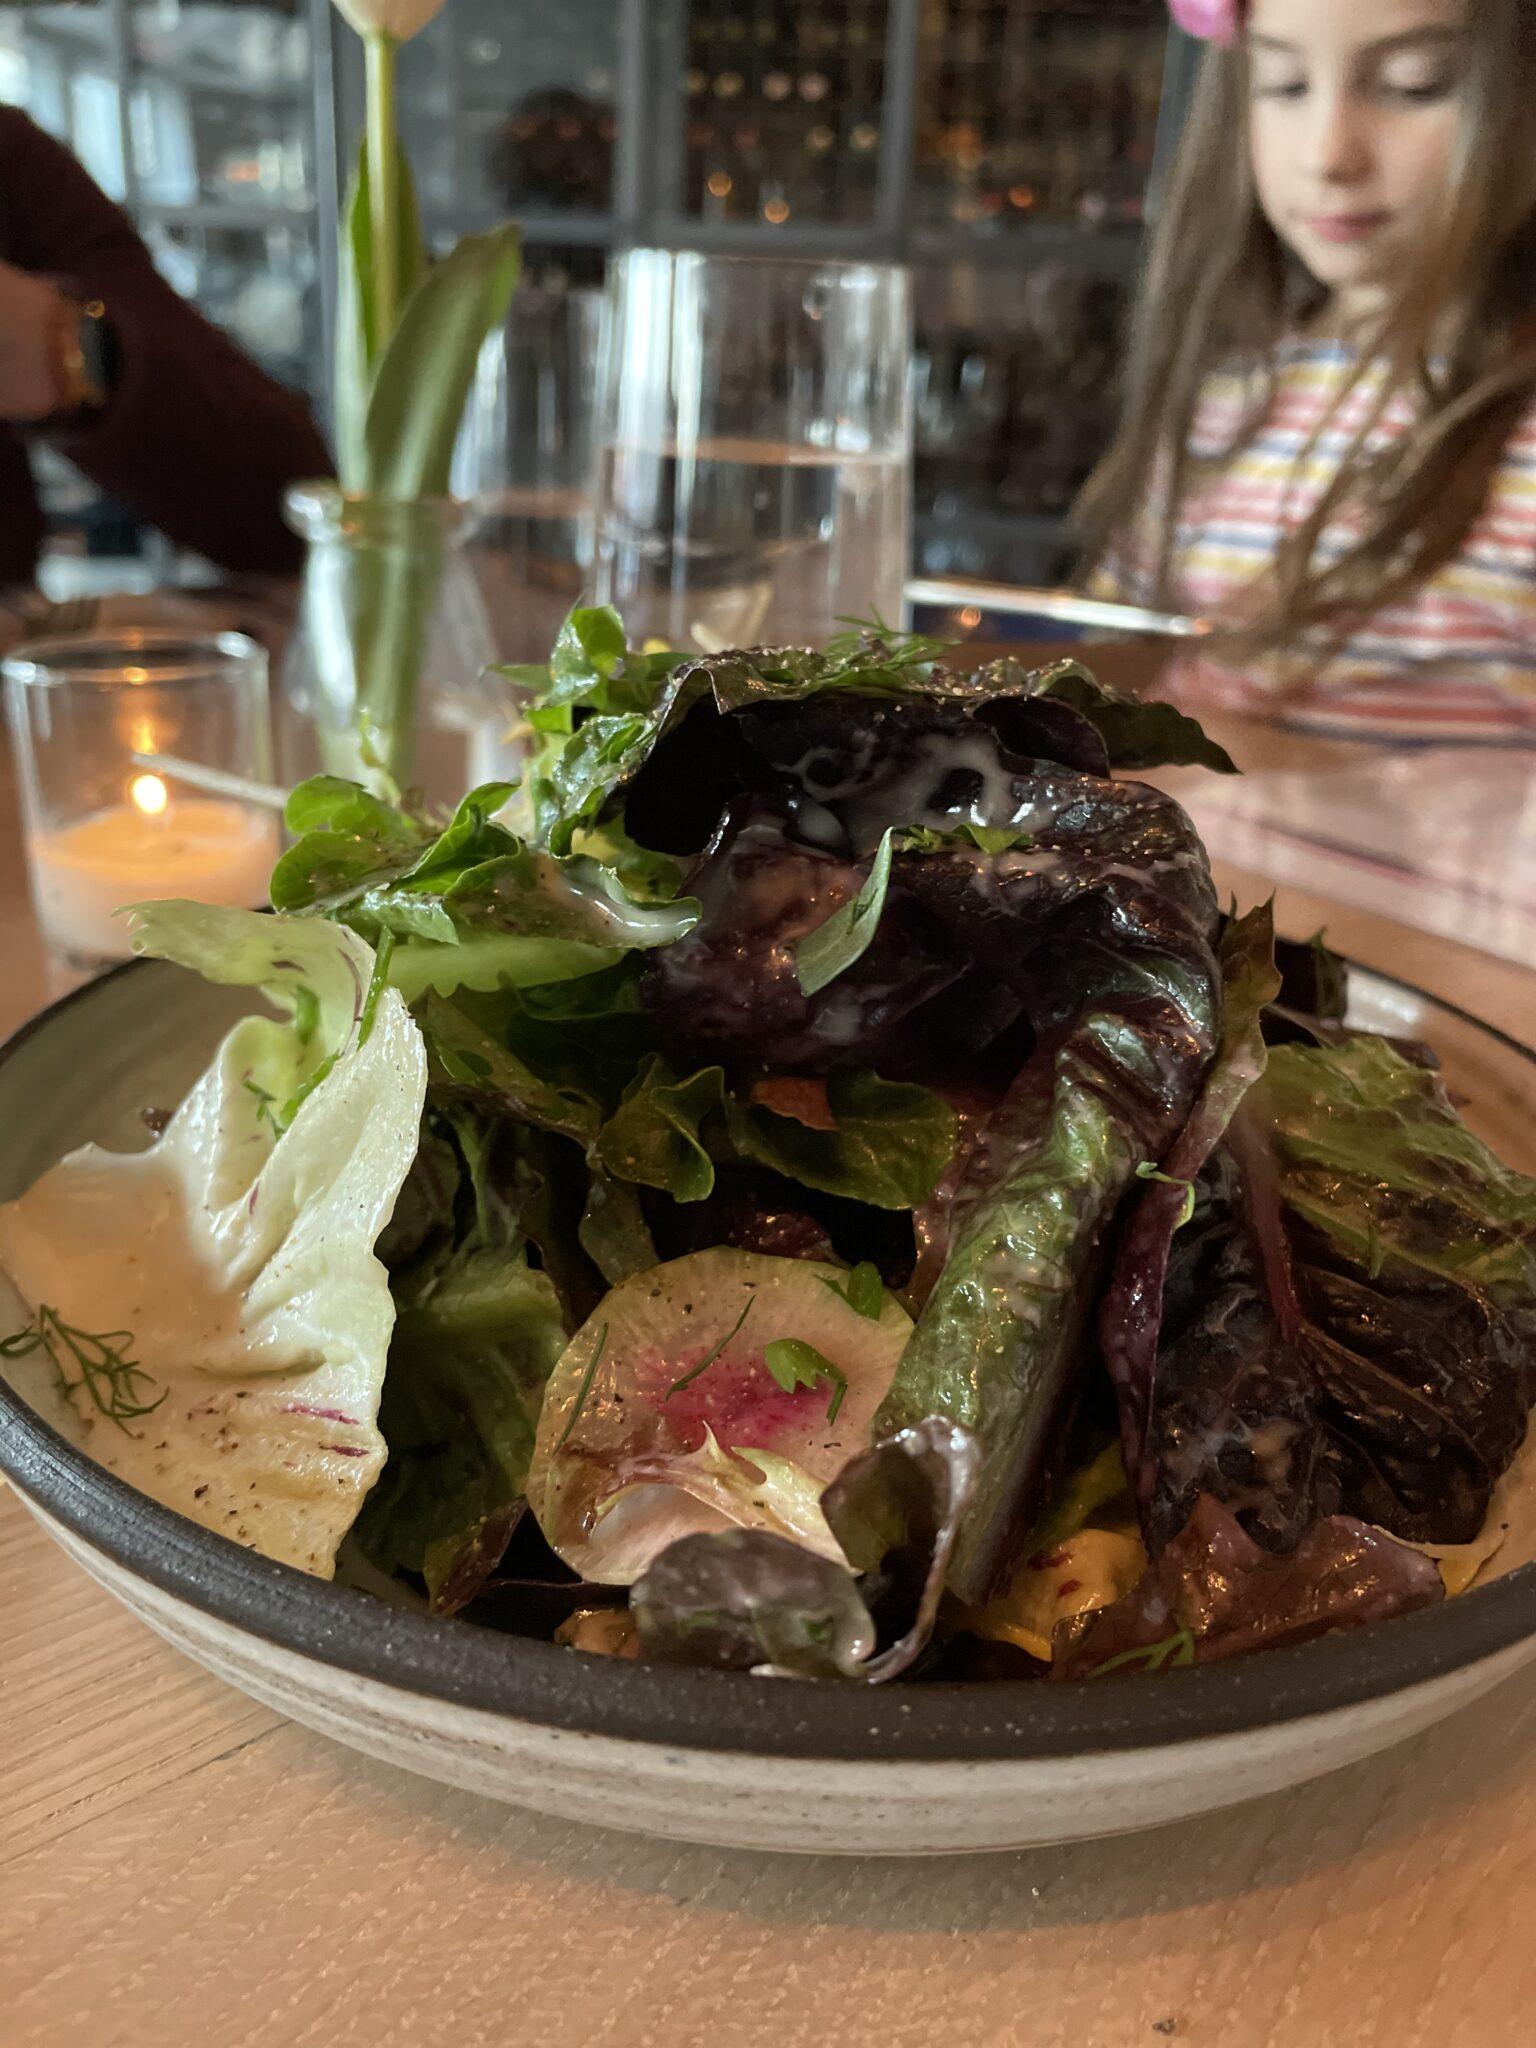 Lemony Greens Salad at the Shipwright's Daughter